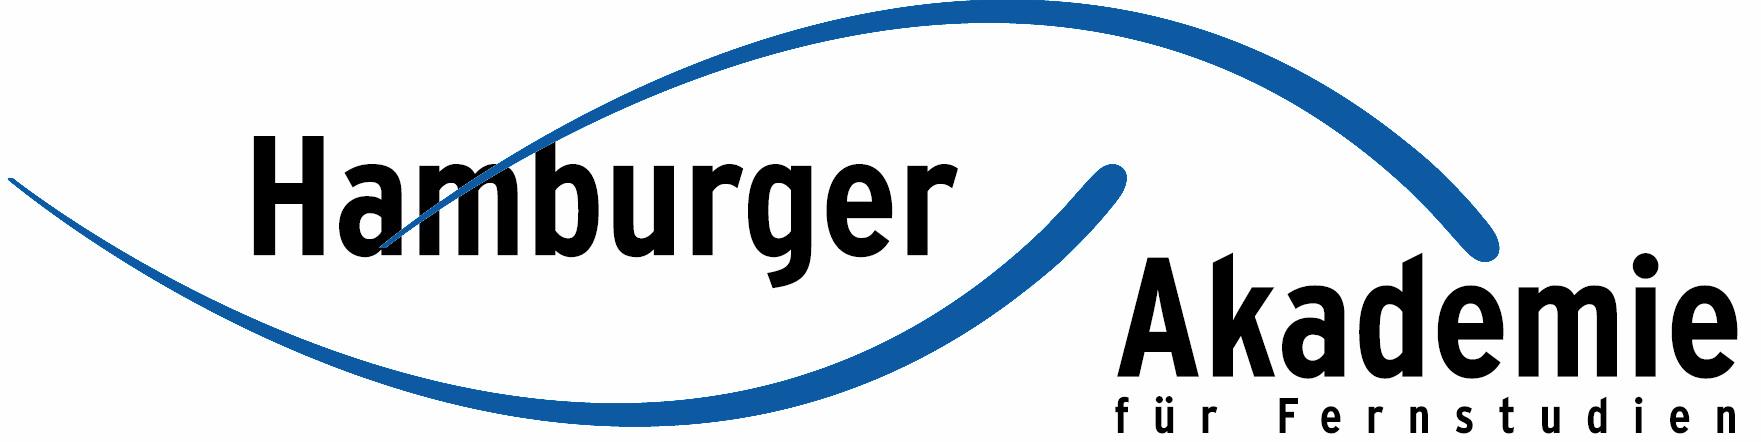 hamburger-akademie